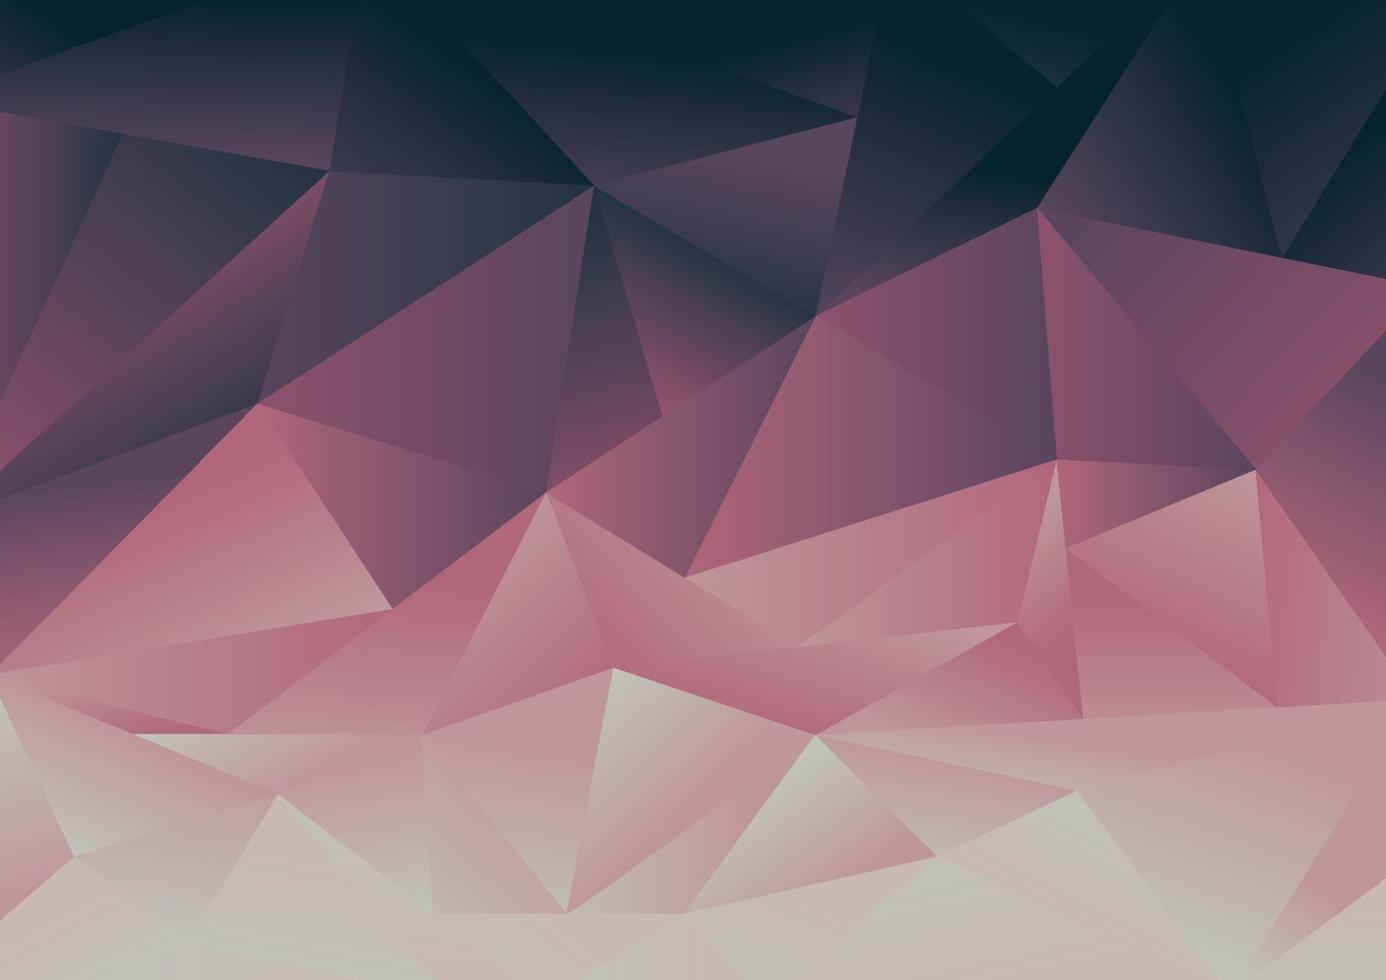 abstrakt bakgrund med låg polygonrosa och blå gradientmosaik. vektor